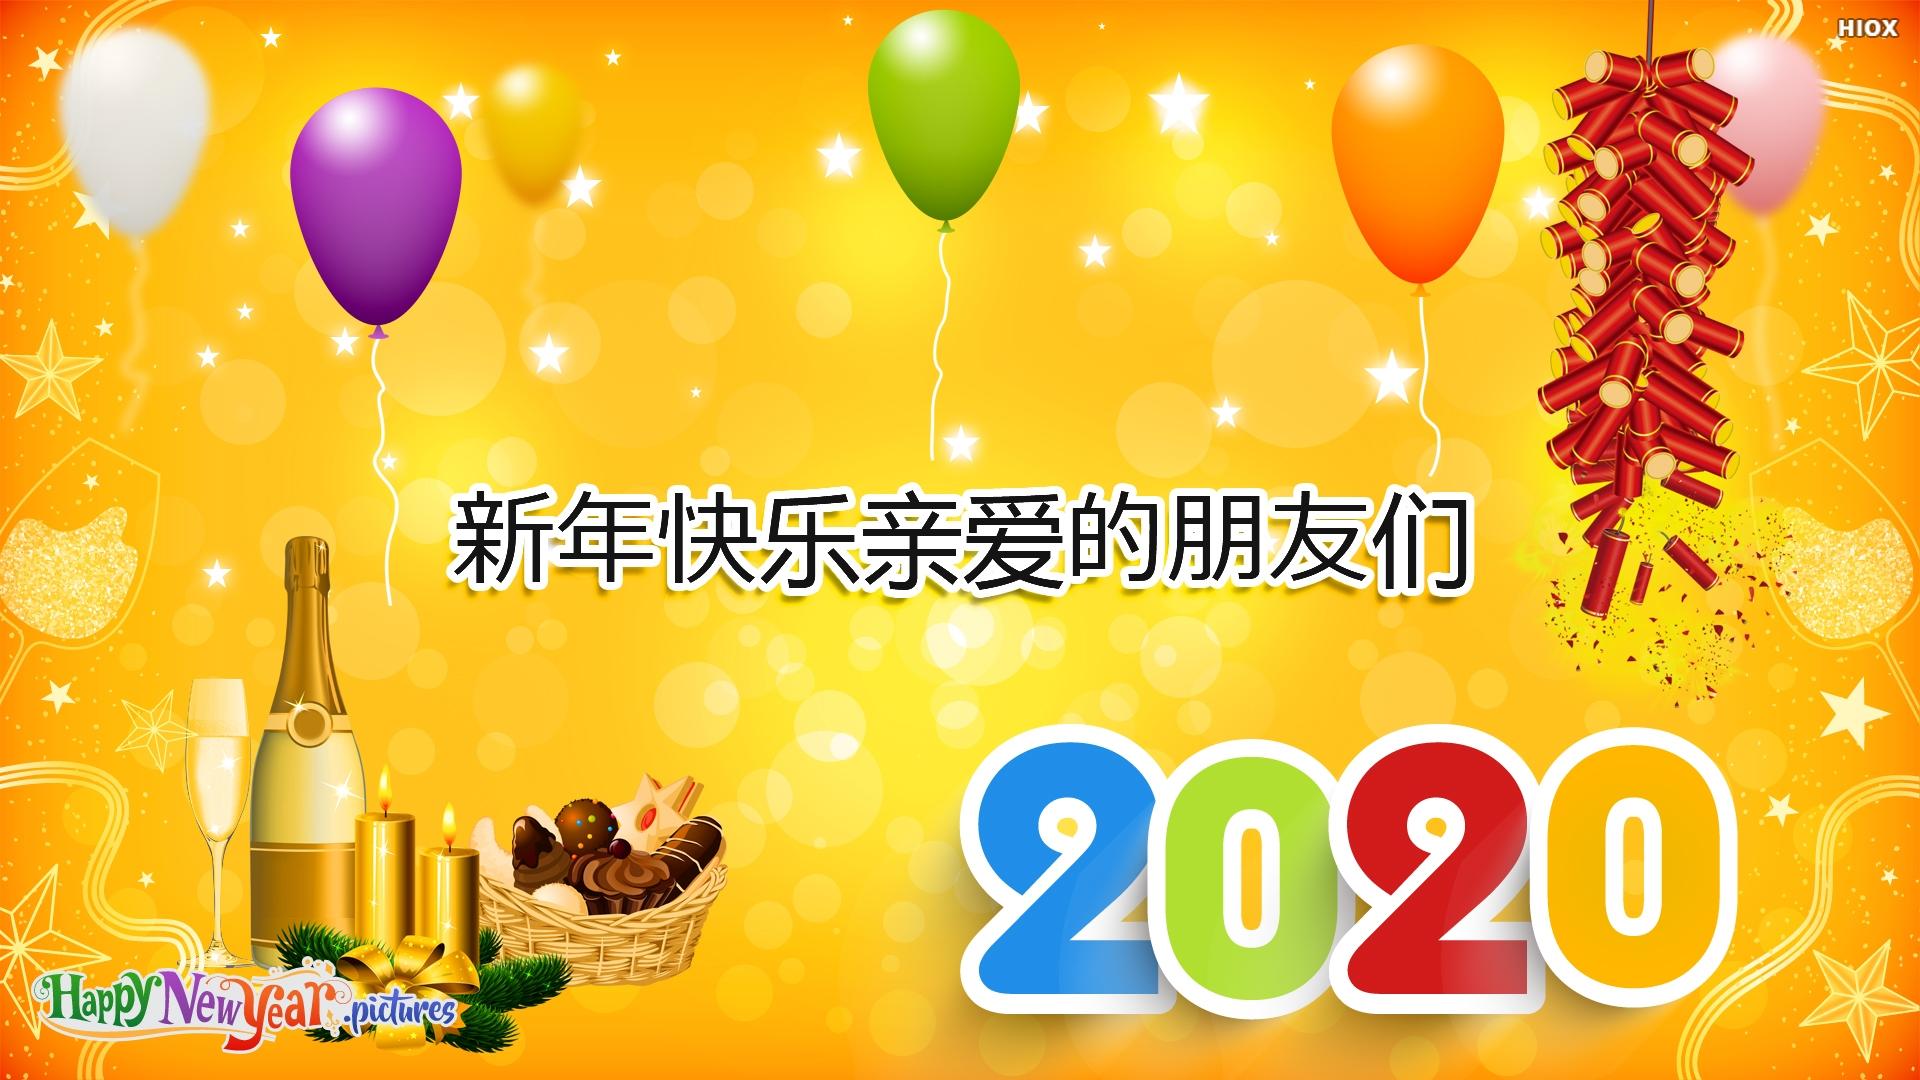 新年快乐亲爱的朋友们